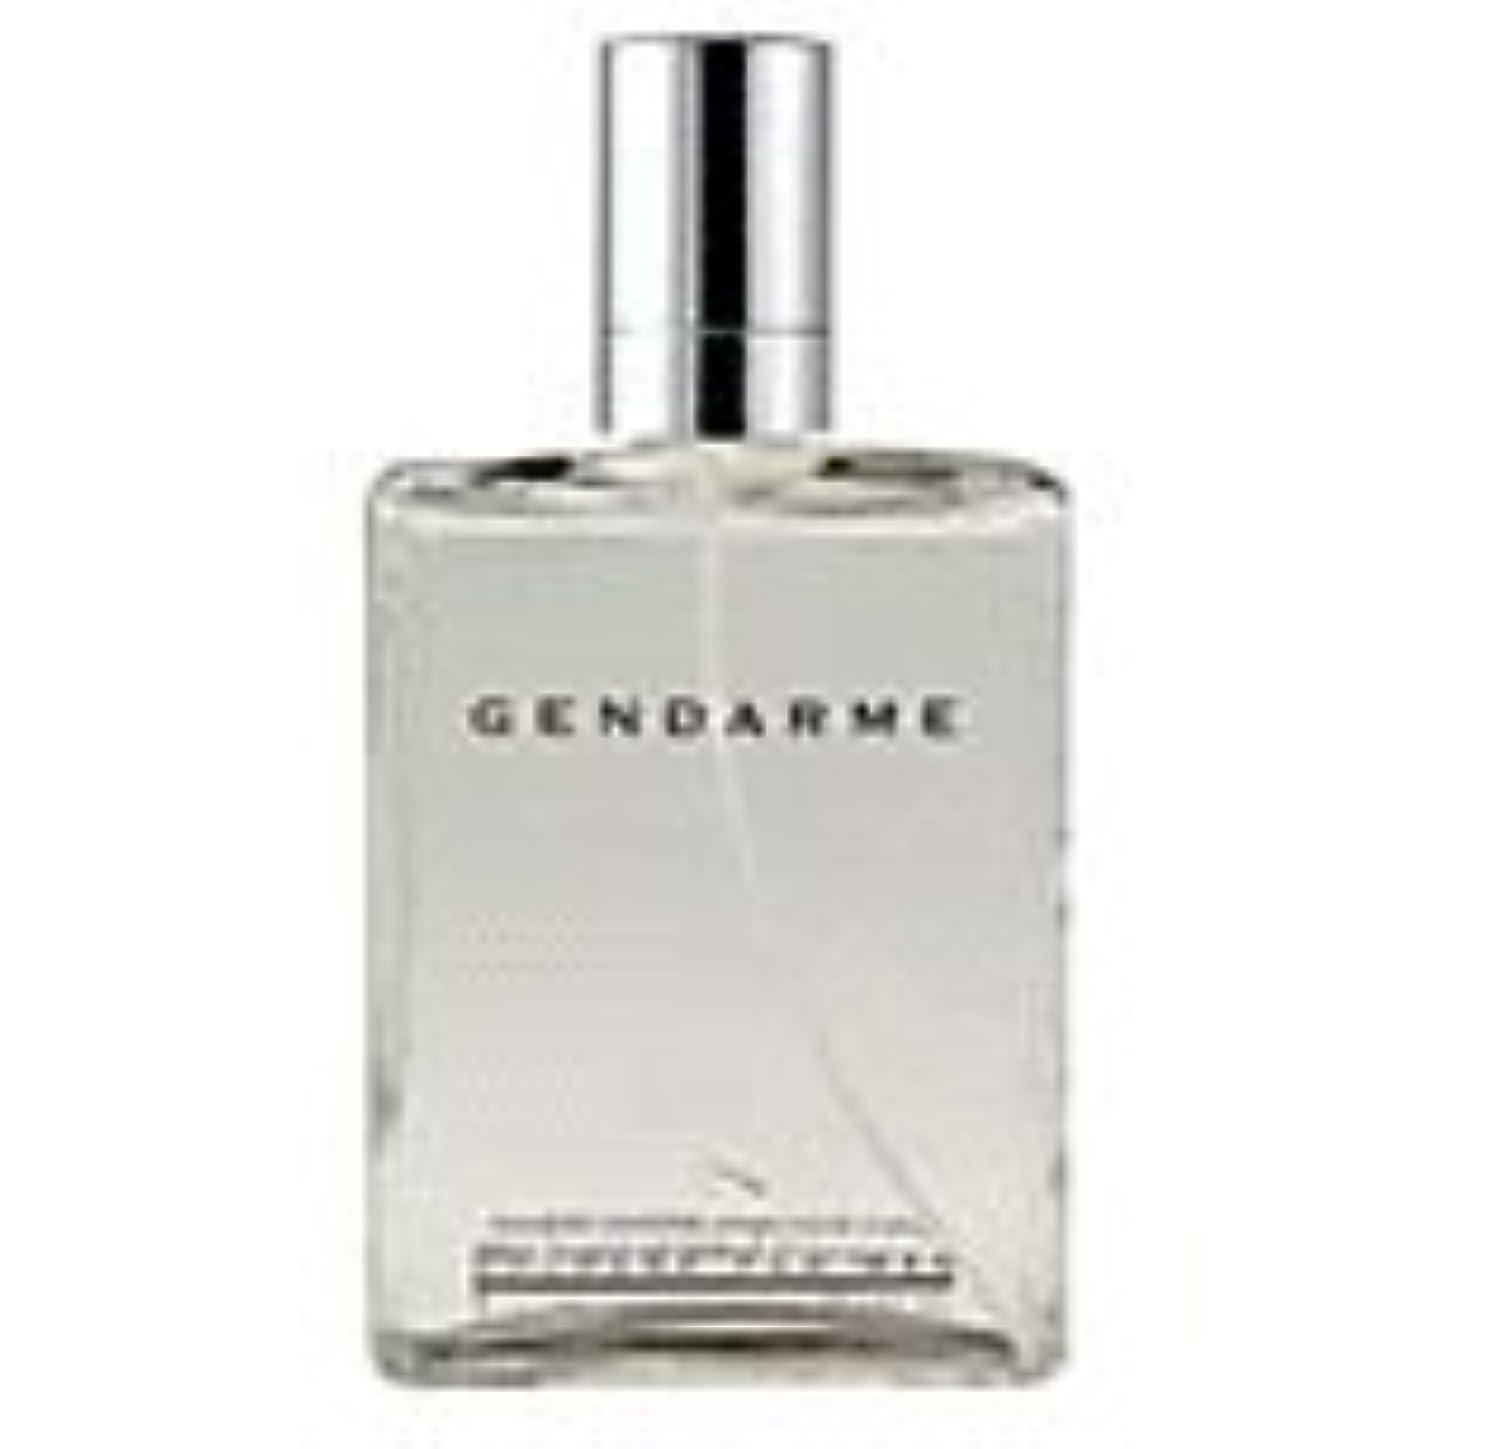 人道的スティーブンソン罹患率Gendarme (ゲンダーム) 2.0 oz (60ml) Cologne Spray for Men